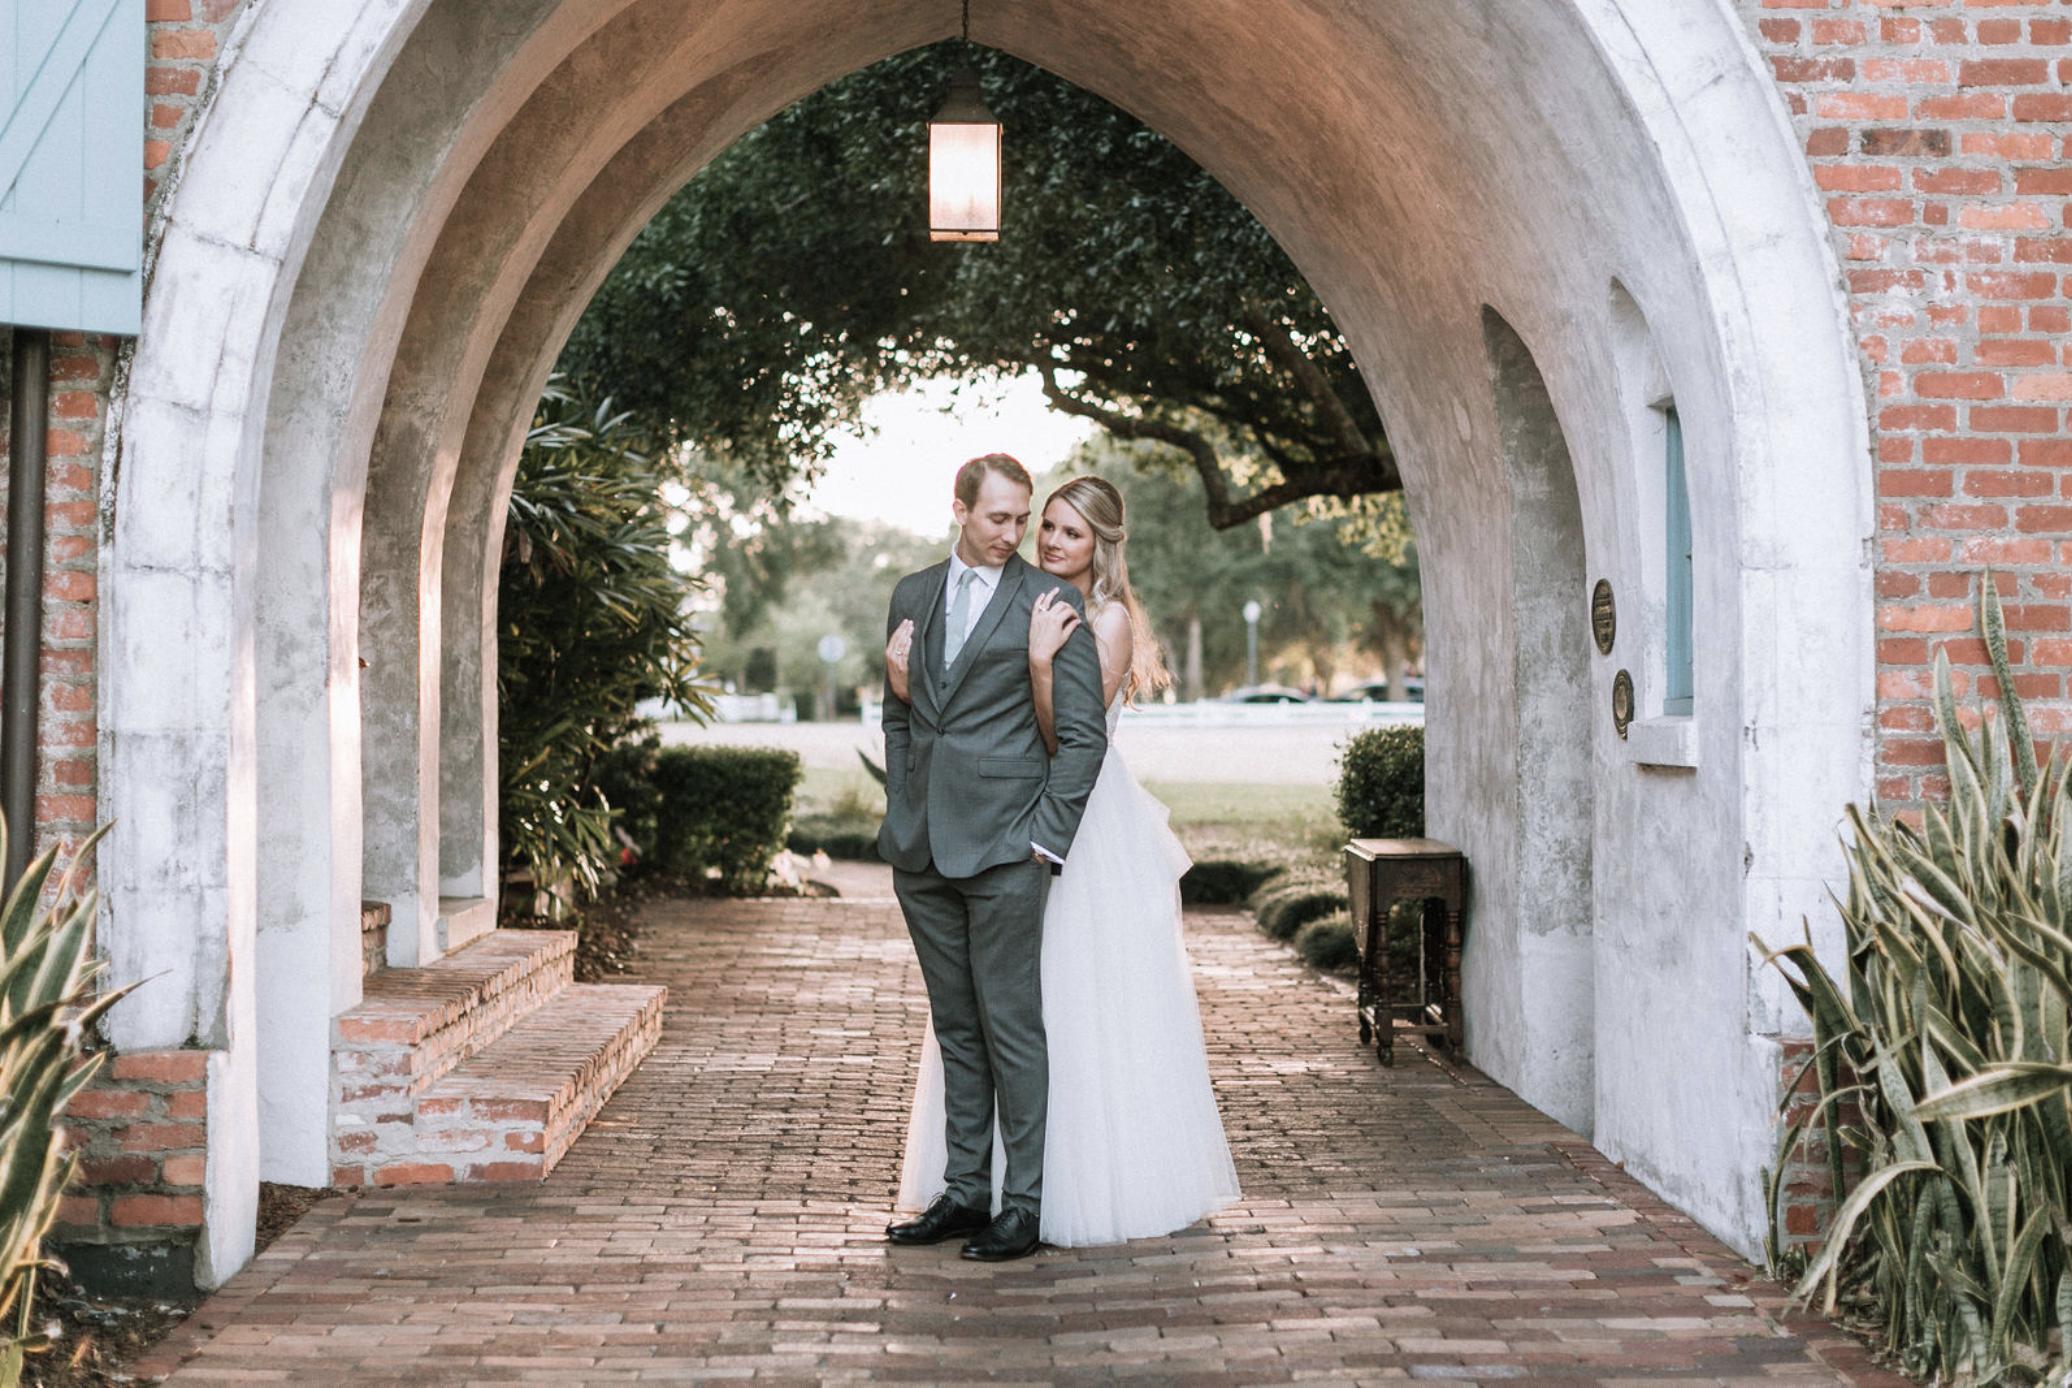 Morgan + Andrew | Orlando, Florida | Casa Feliz